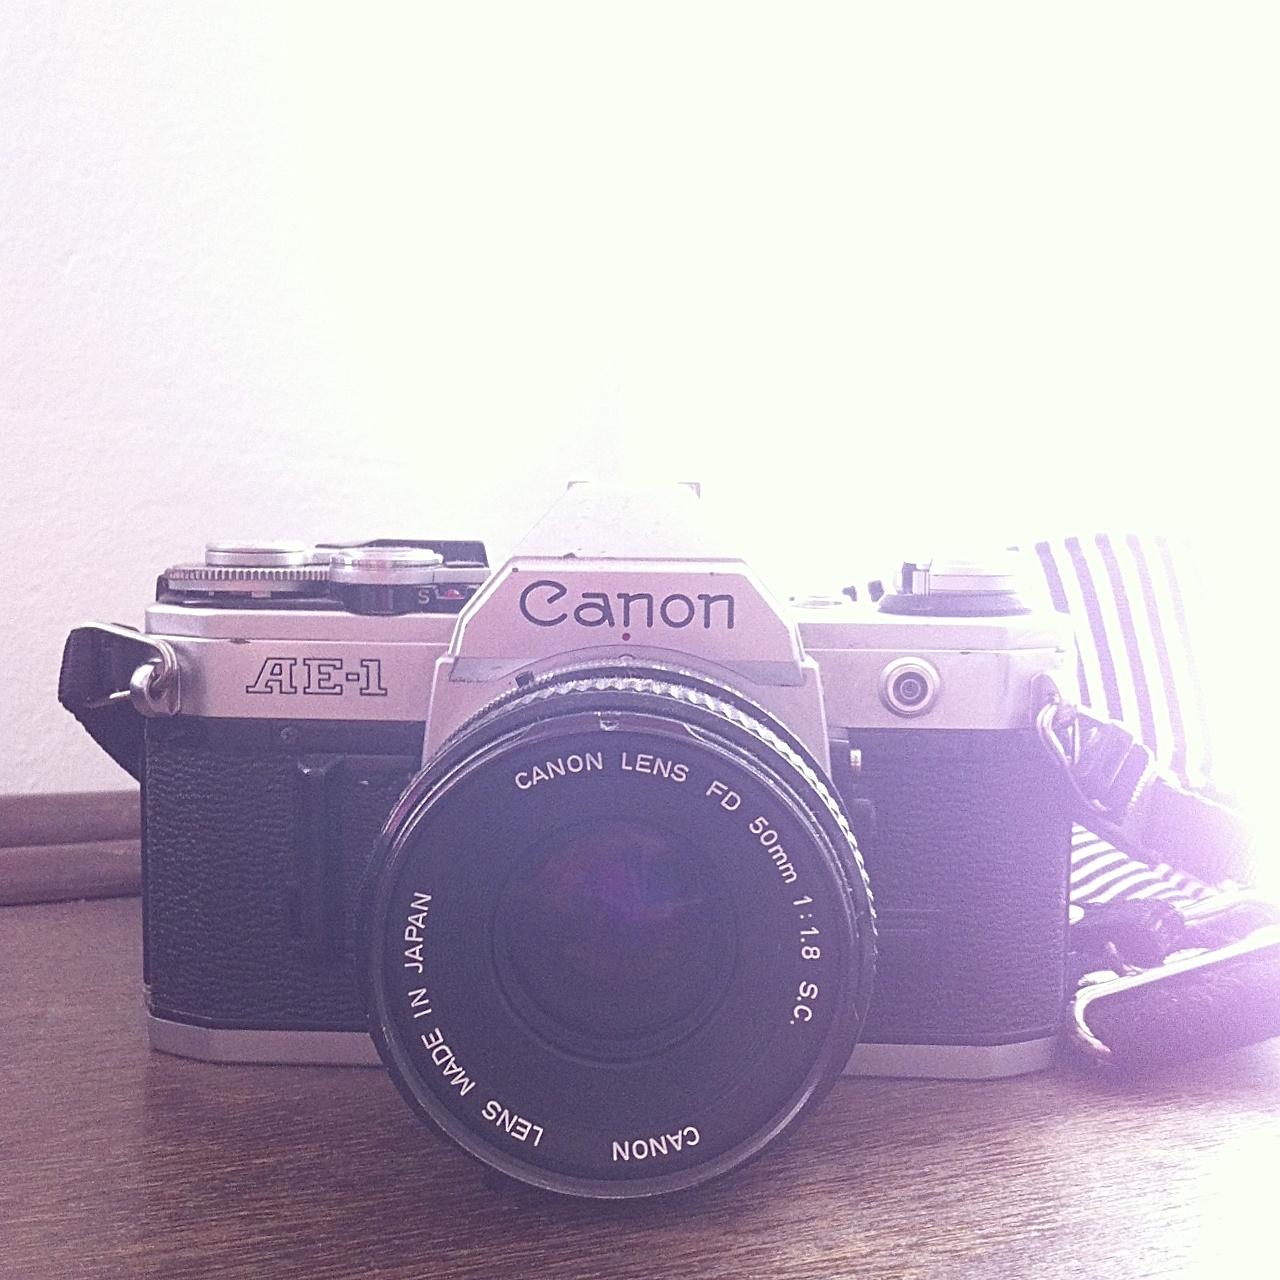 Canon, abcfee